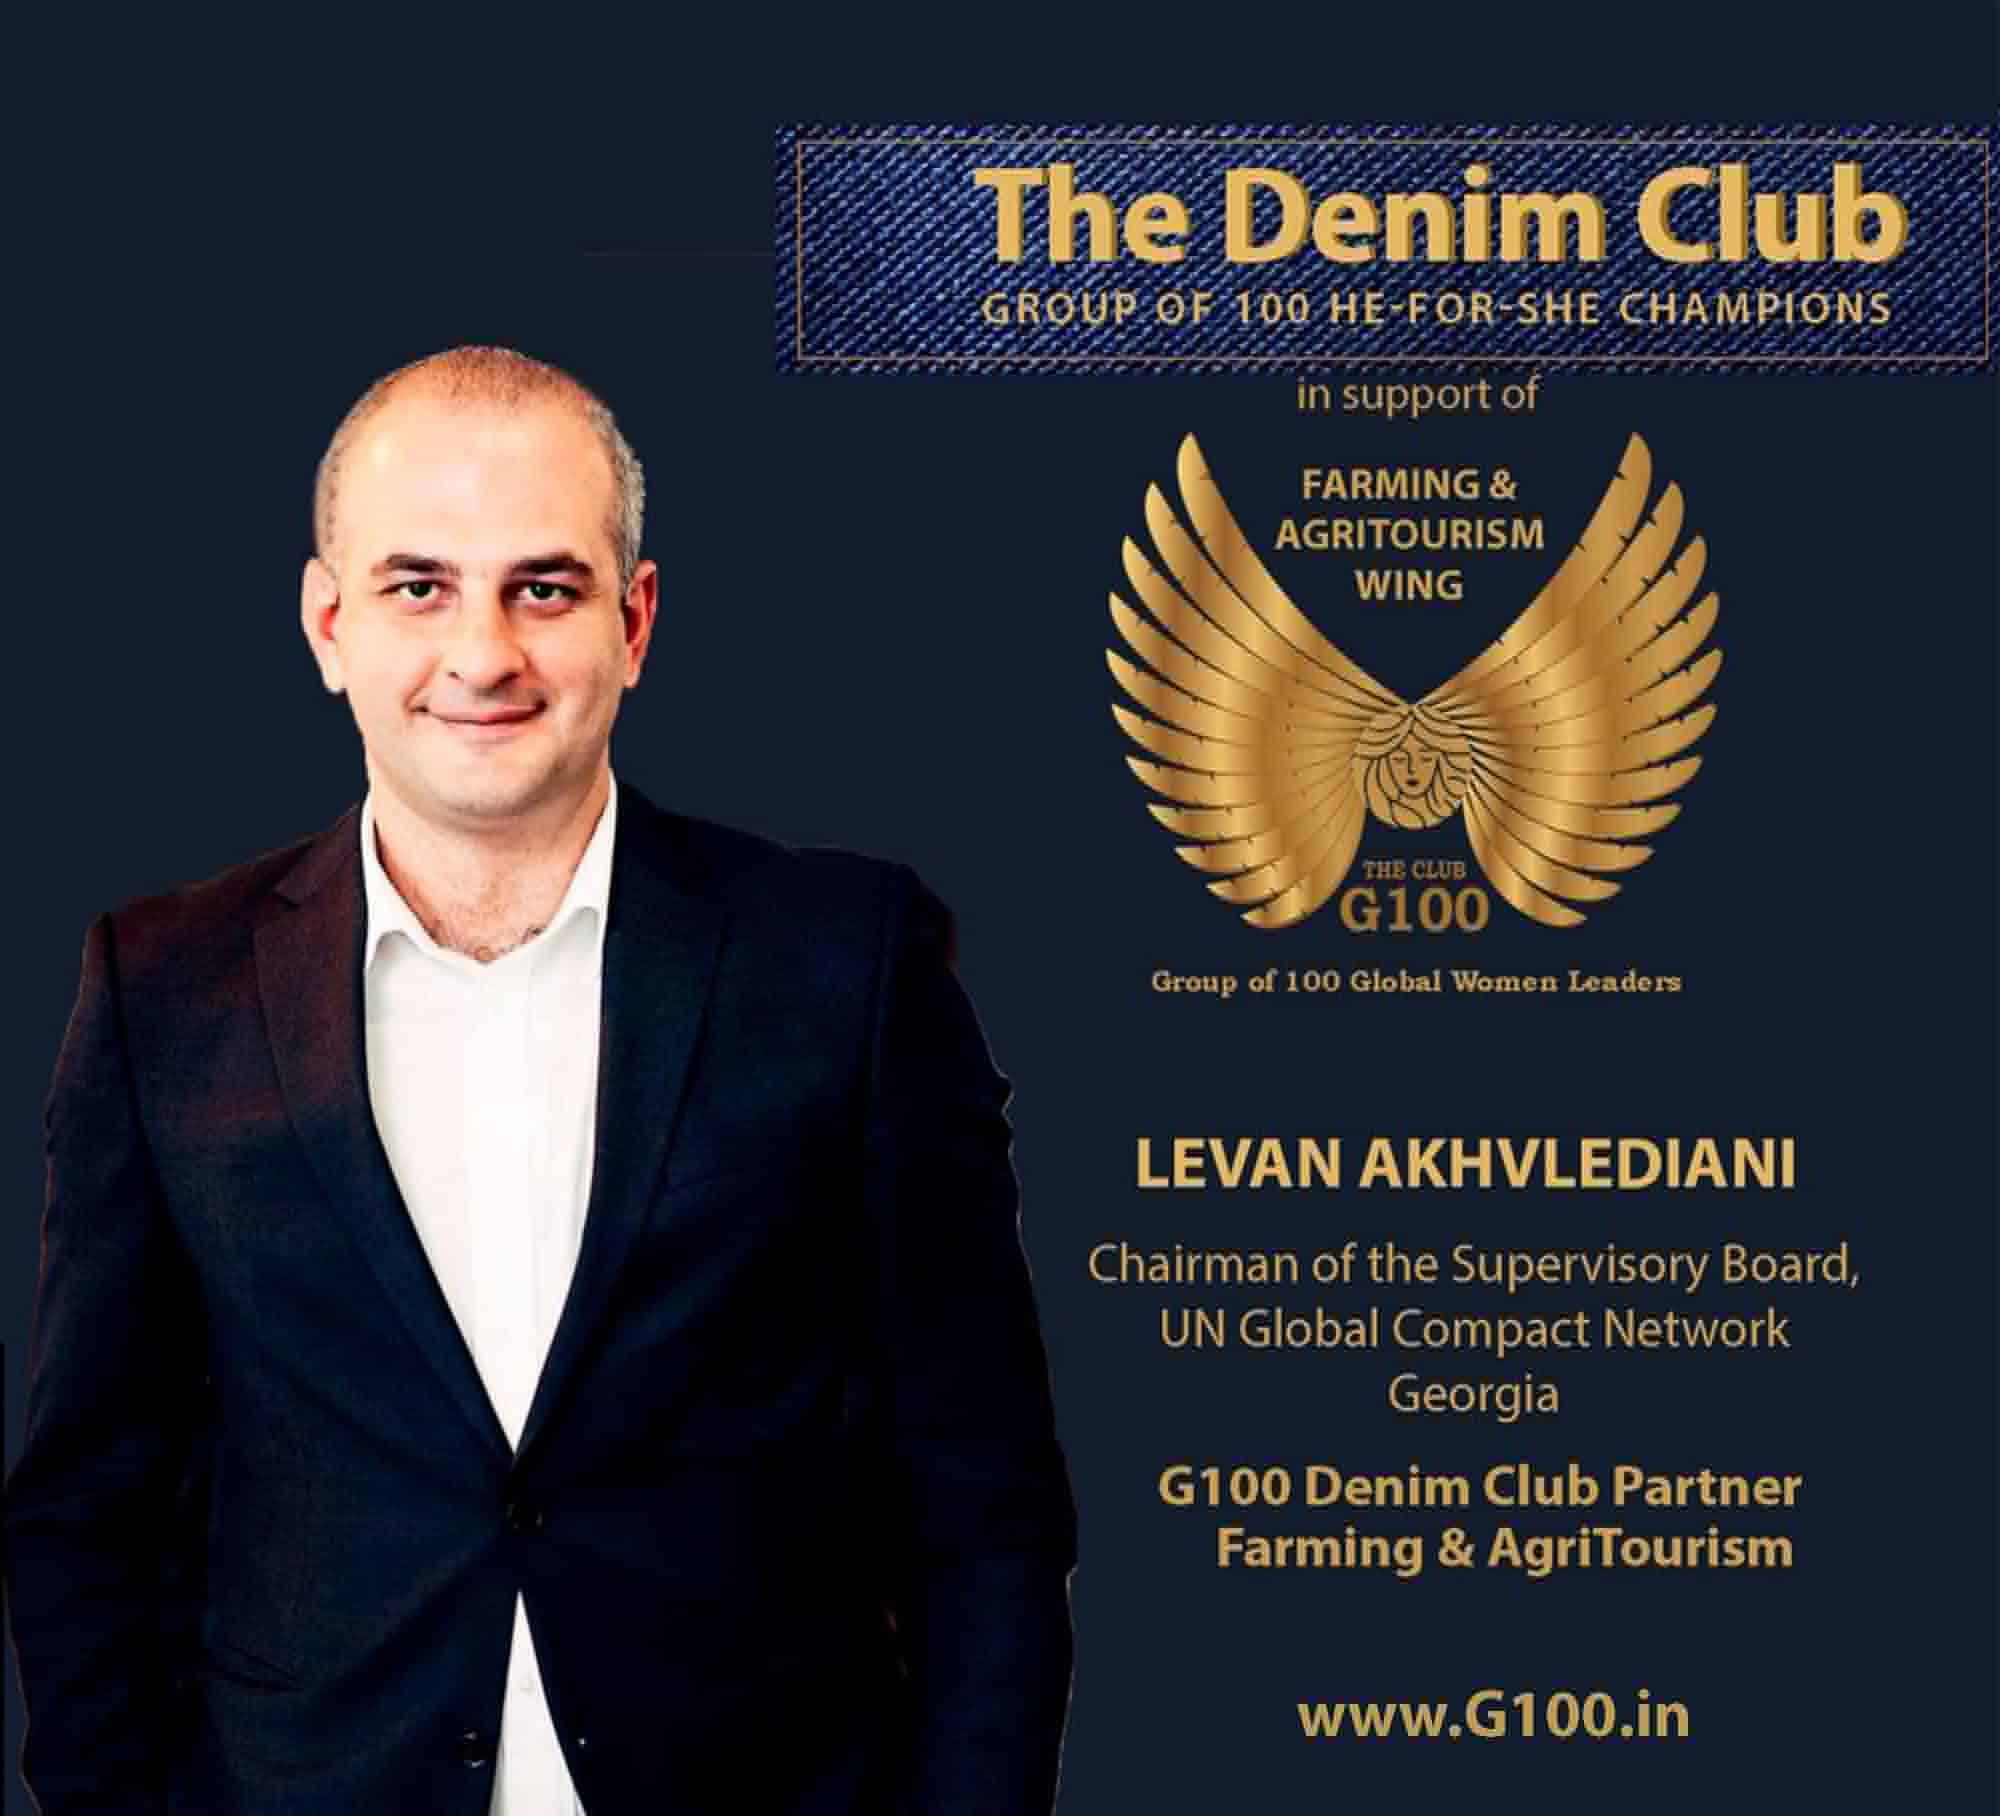 Levan Akhvlediani